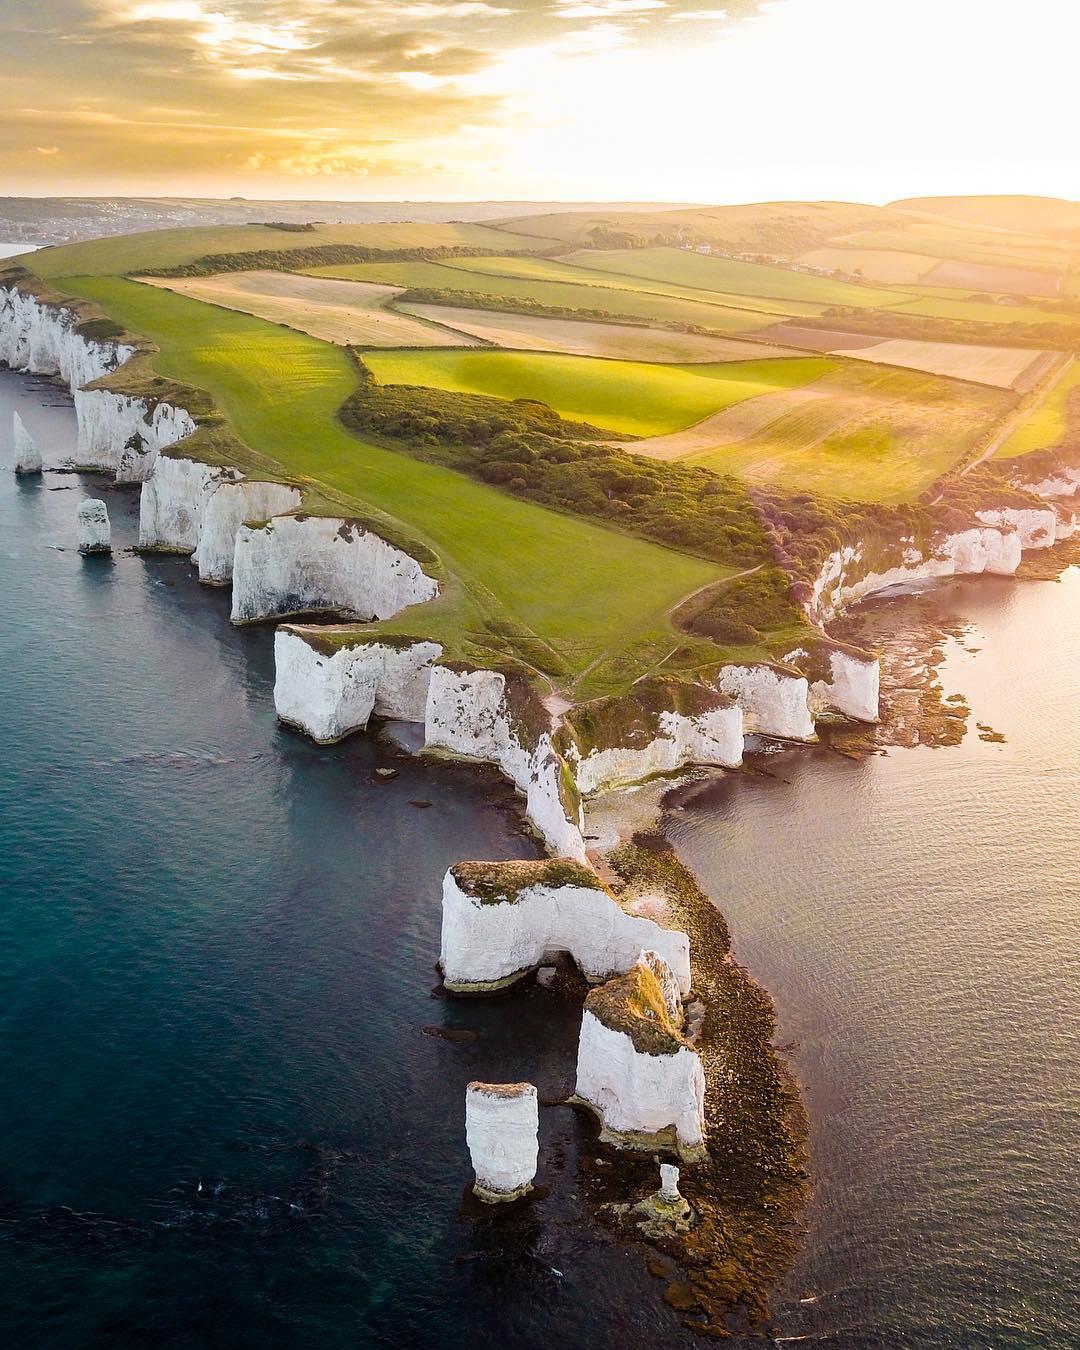 Удивительные пейзажи на аэрофотоснимках Хьюго Хили